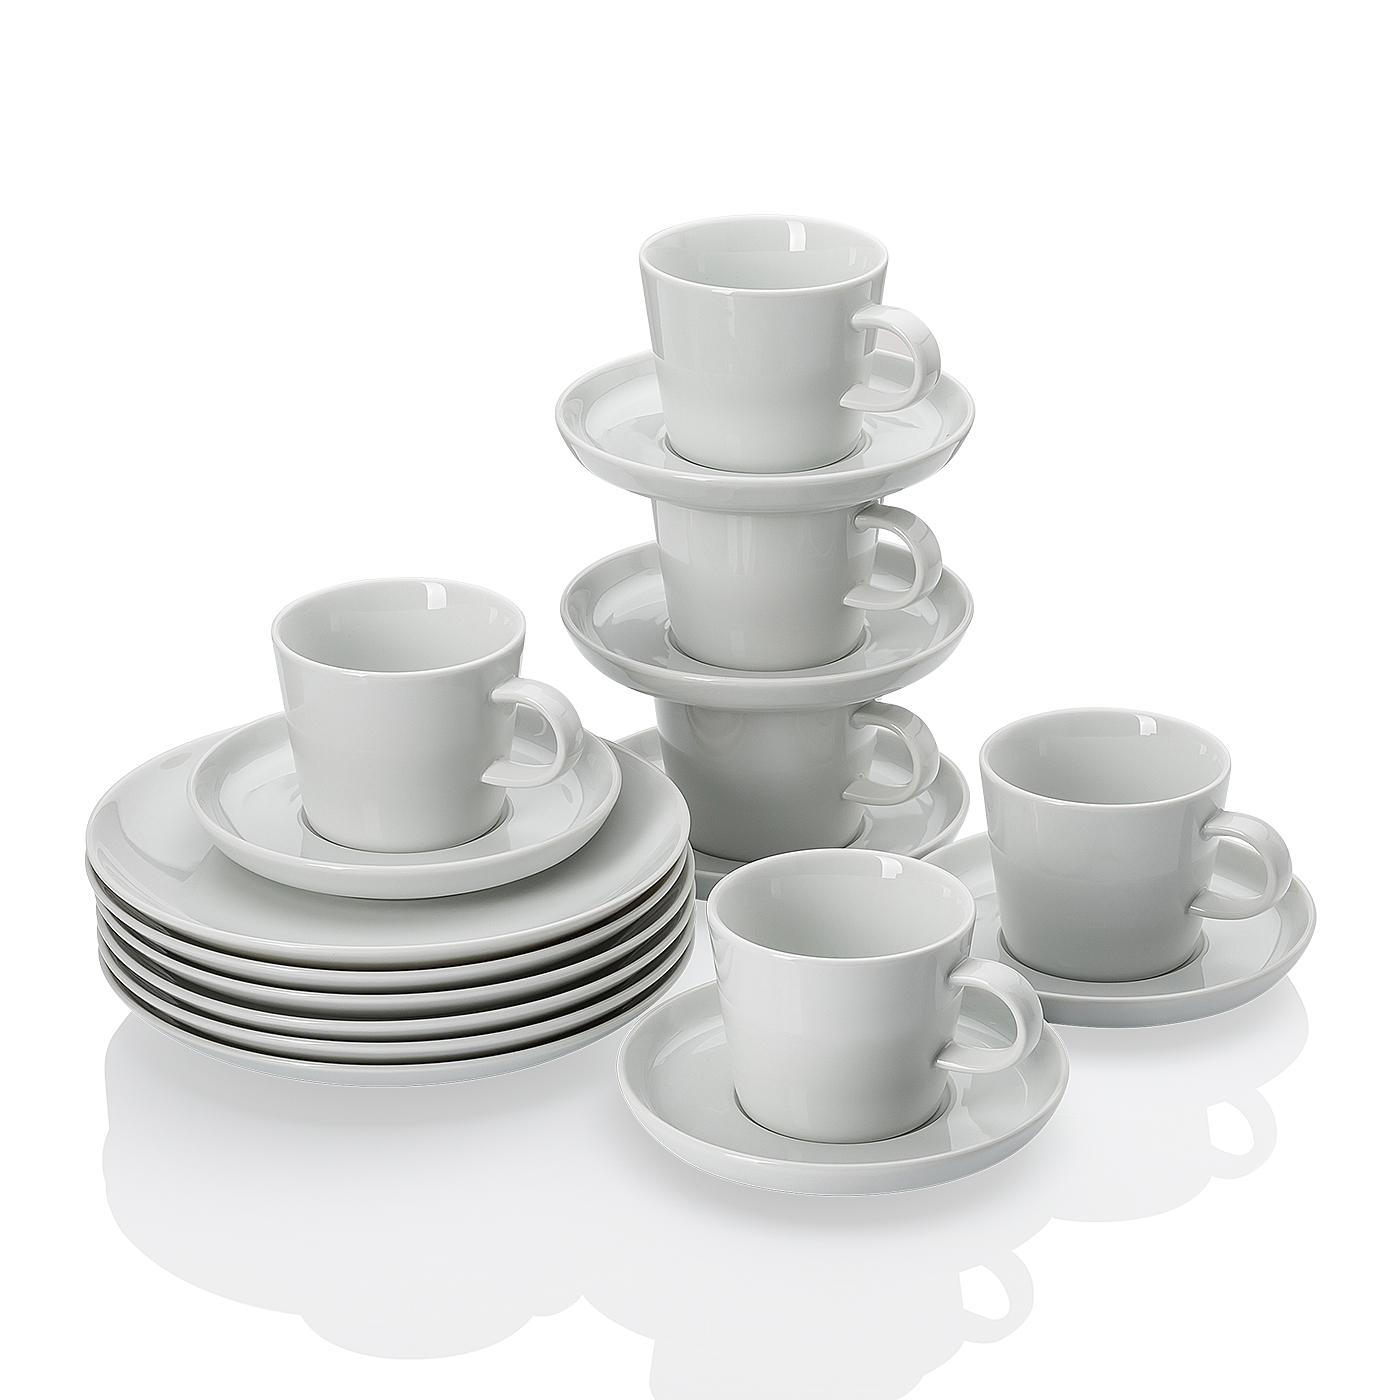 Kaffeeset 18-tlg. Cucina-Basic ROK weiss Arzberg